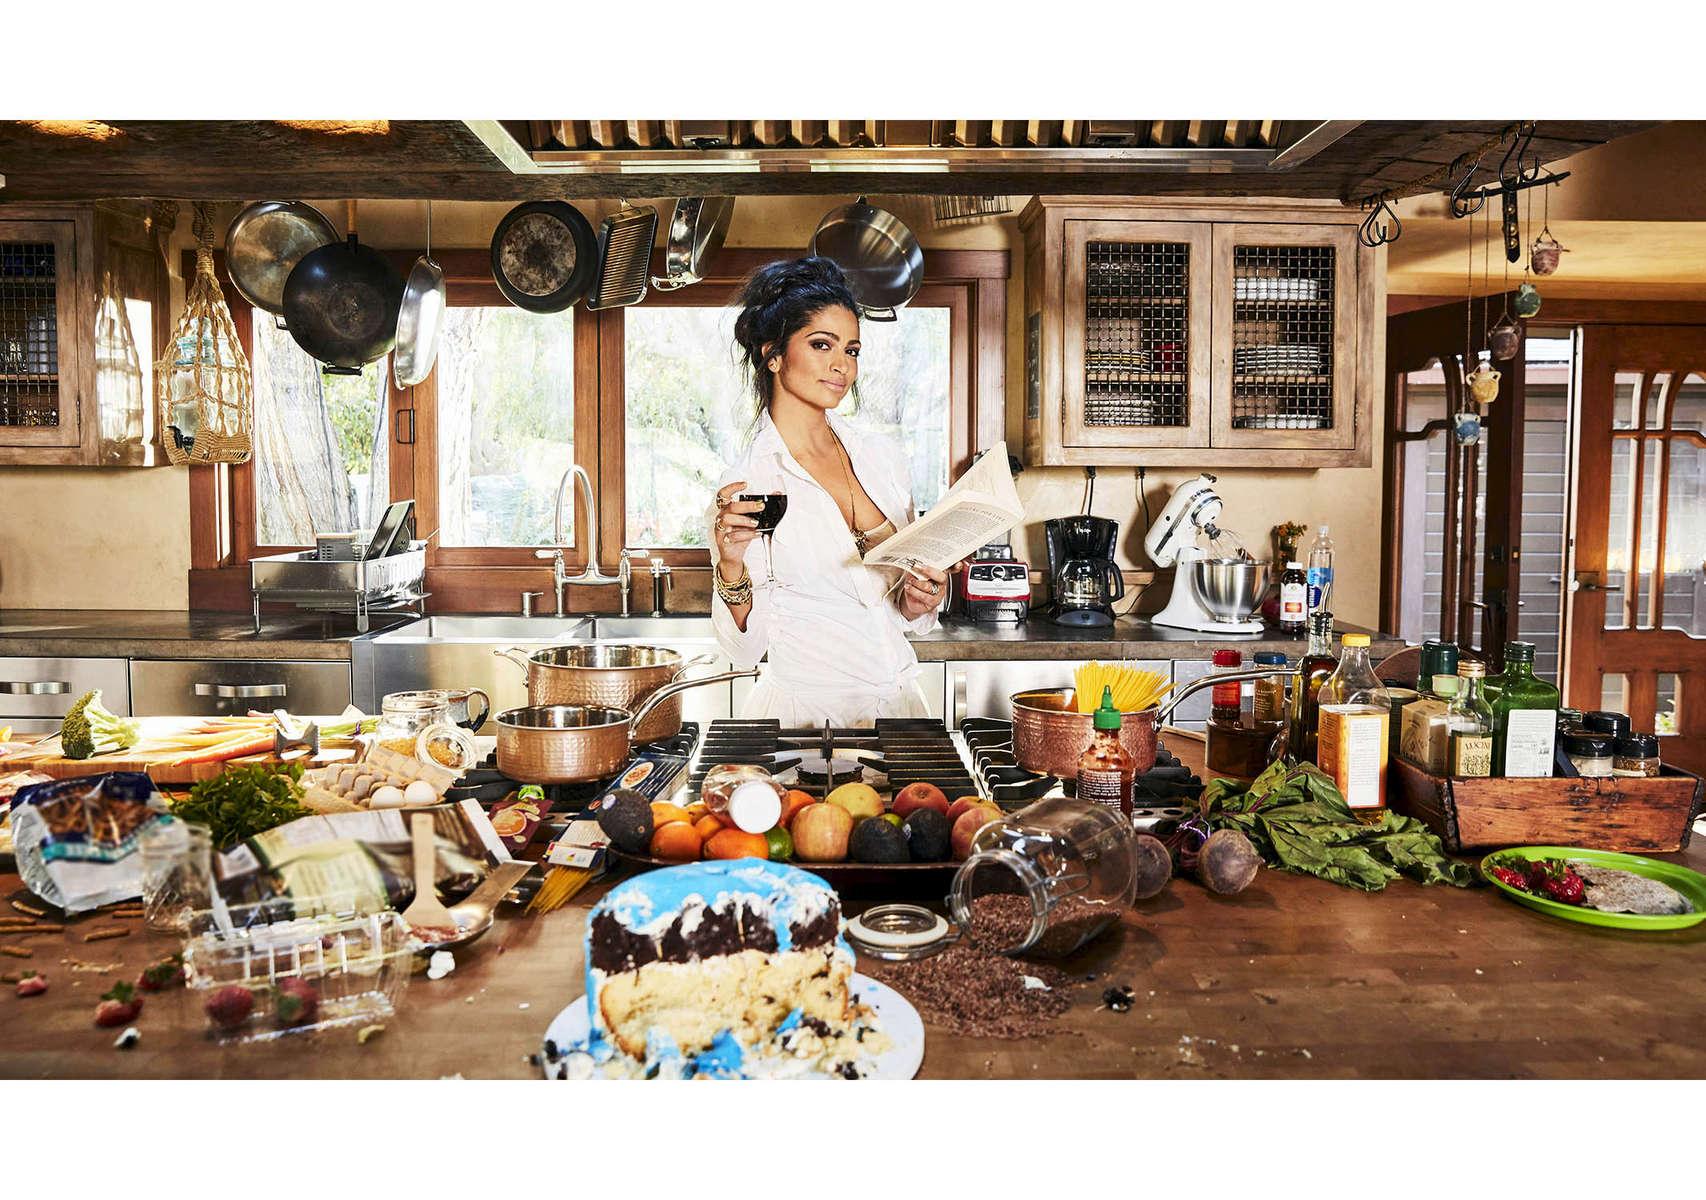 Camila Alves by Matt Sayles Matt Sayles@msayleswww.mattsaylesphoto.com